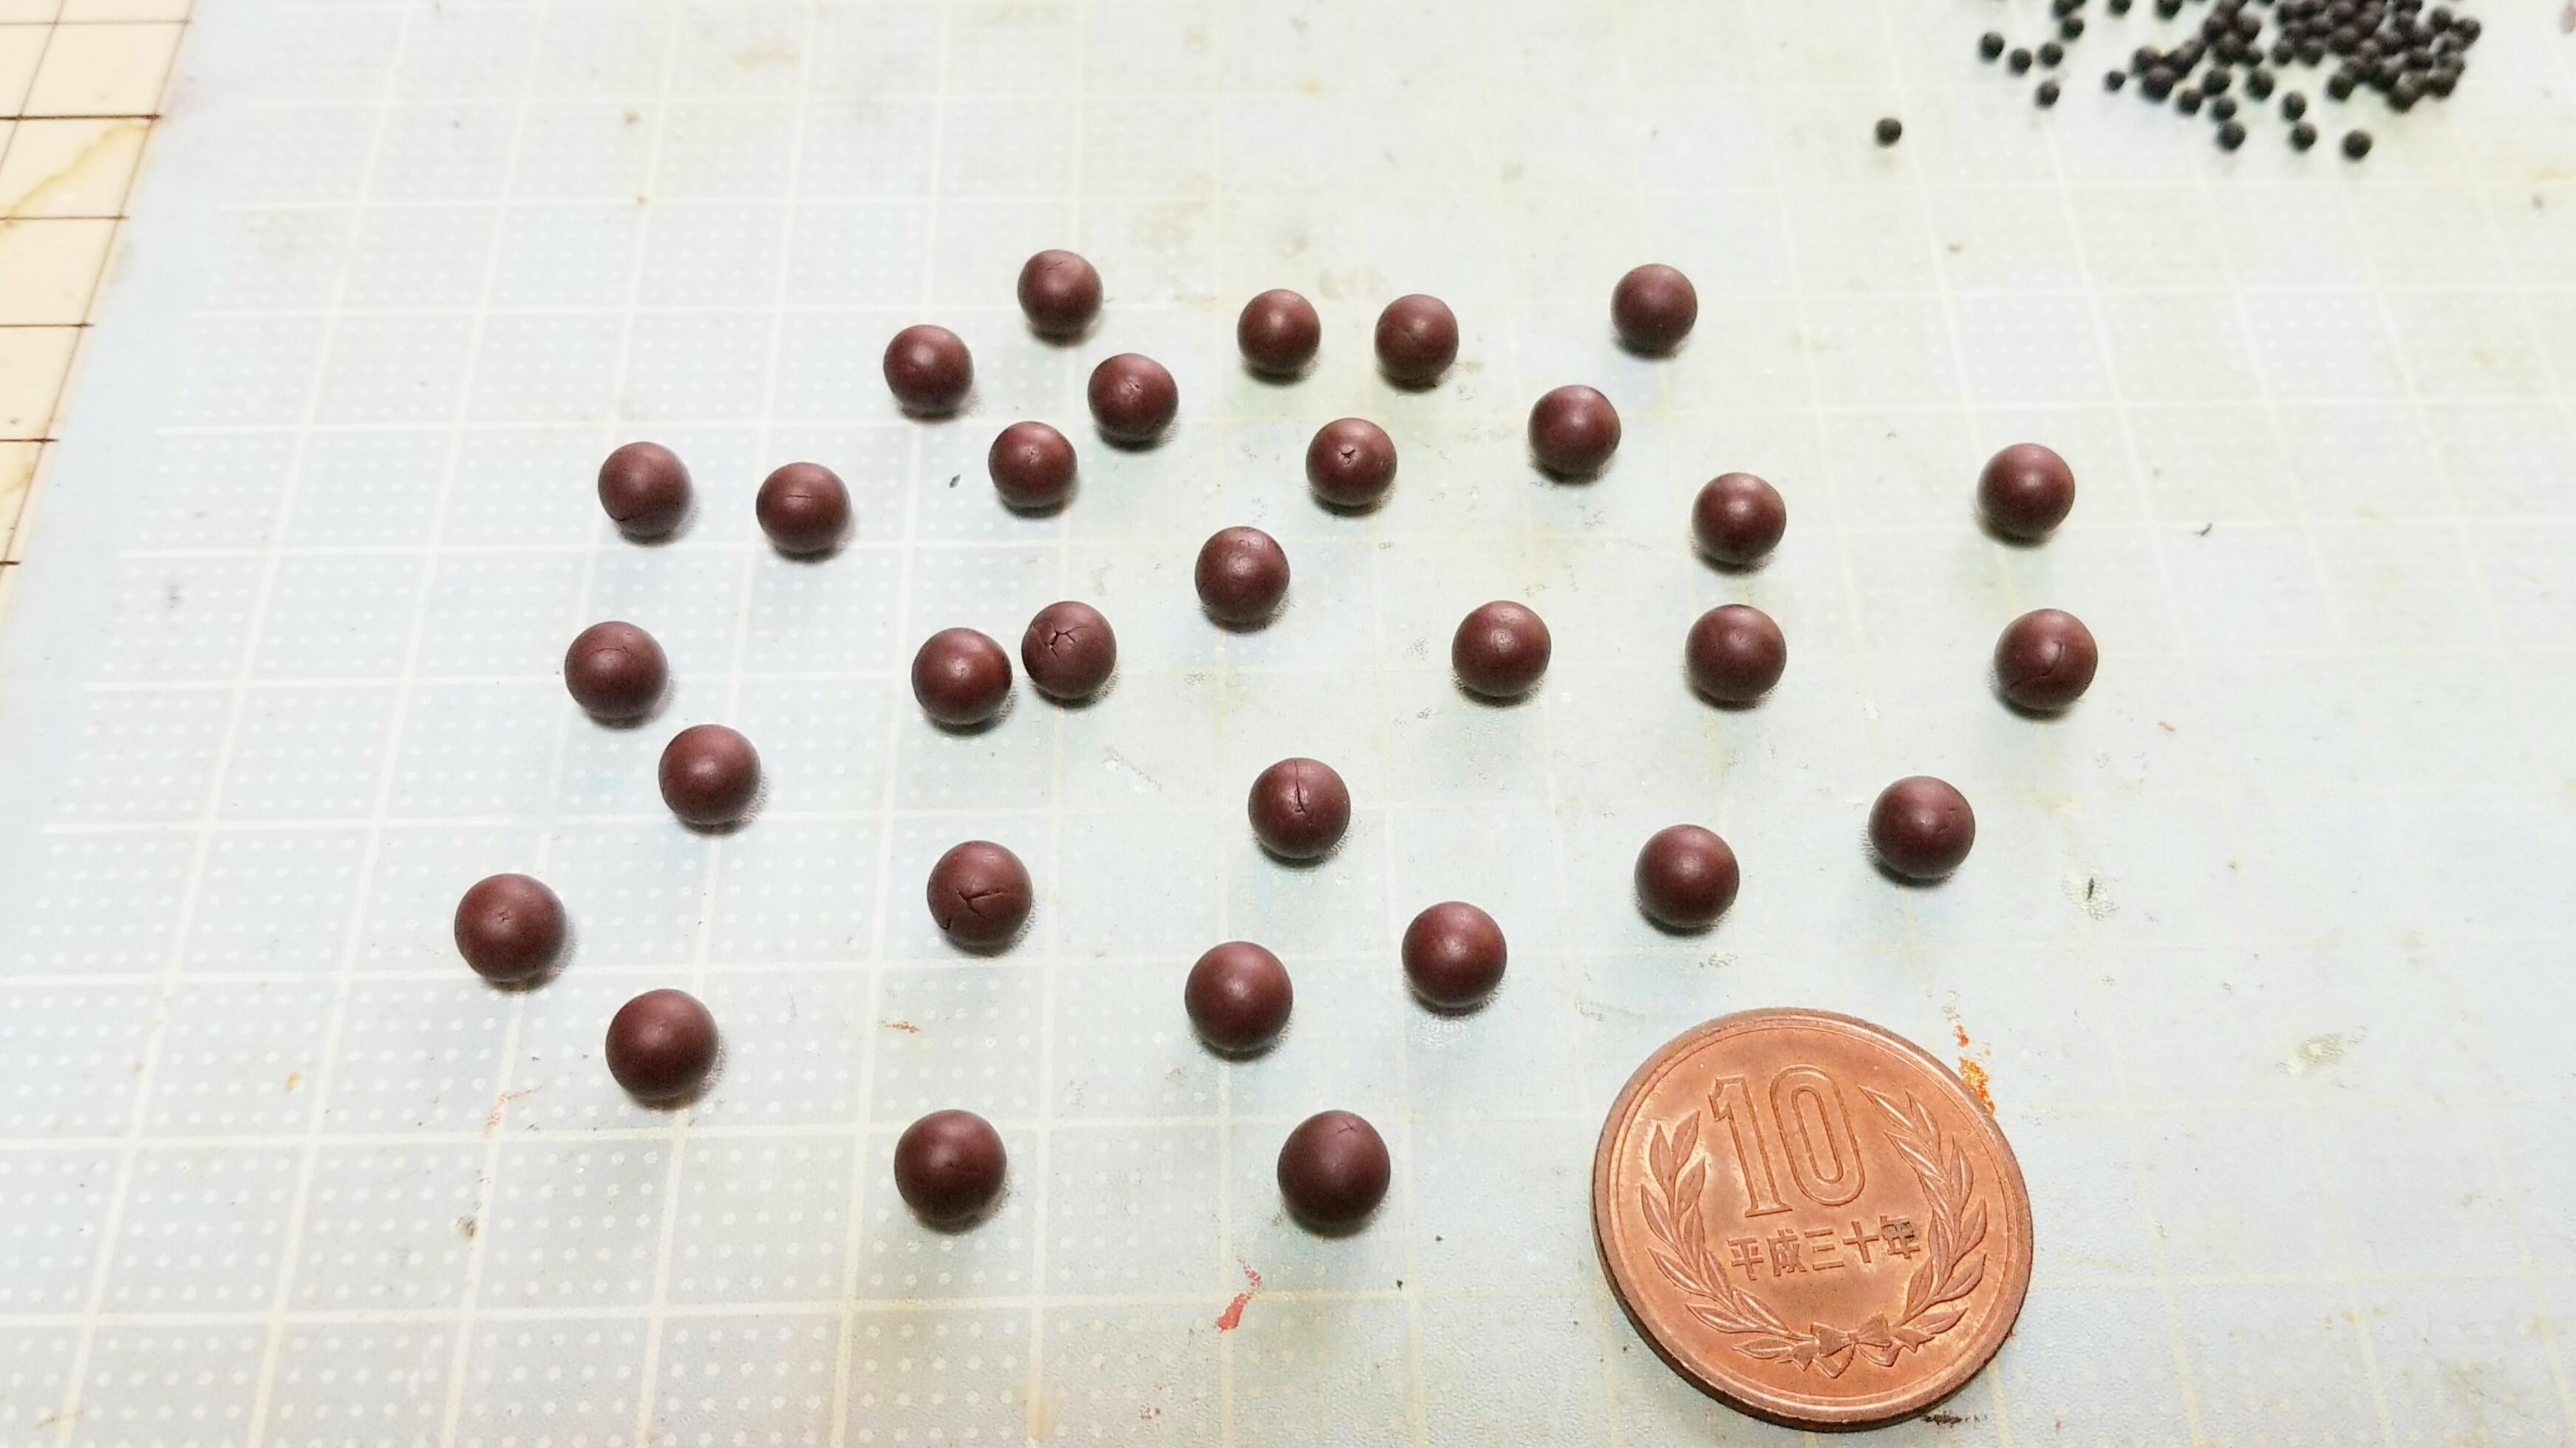 ミニチュアの作り方あんこ和菓子かわいい小さな世界手のひらサイズ物